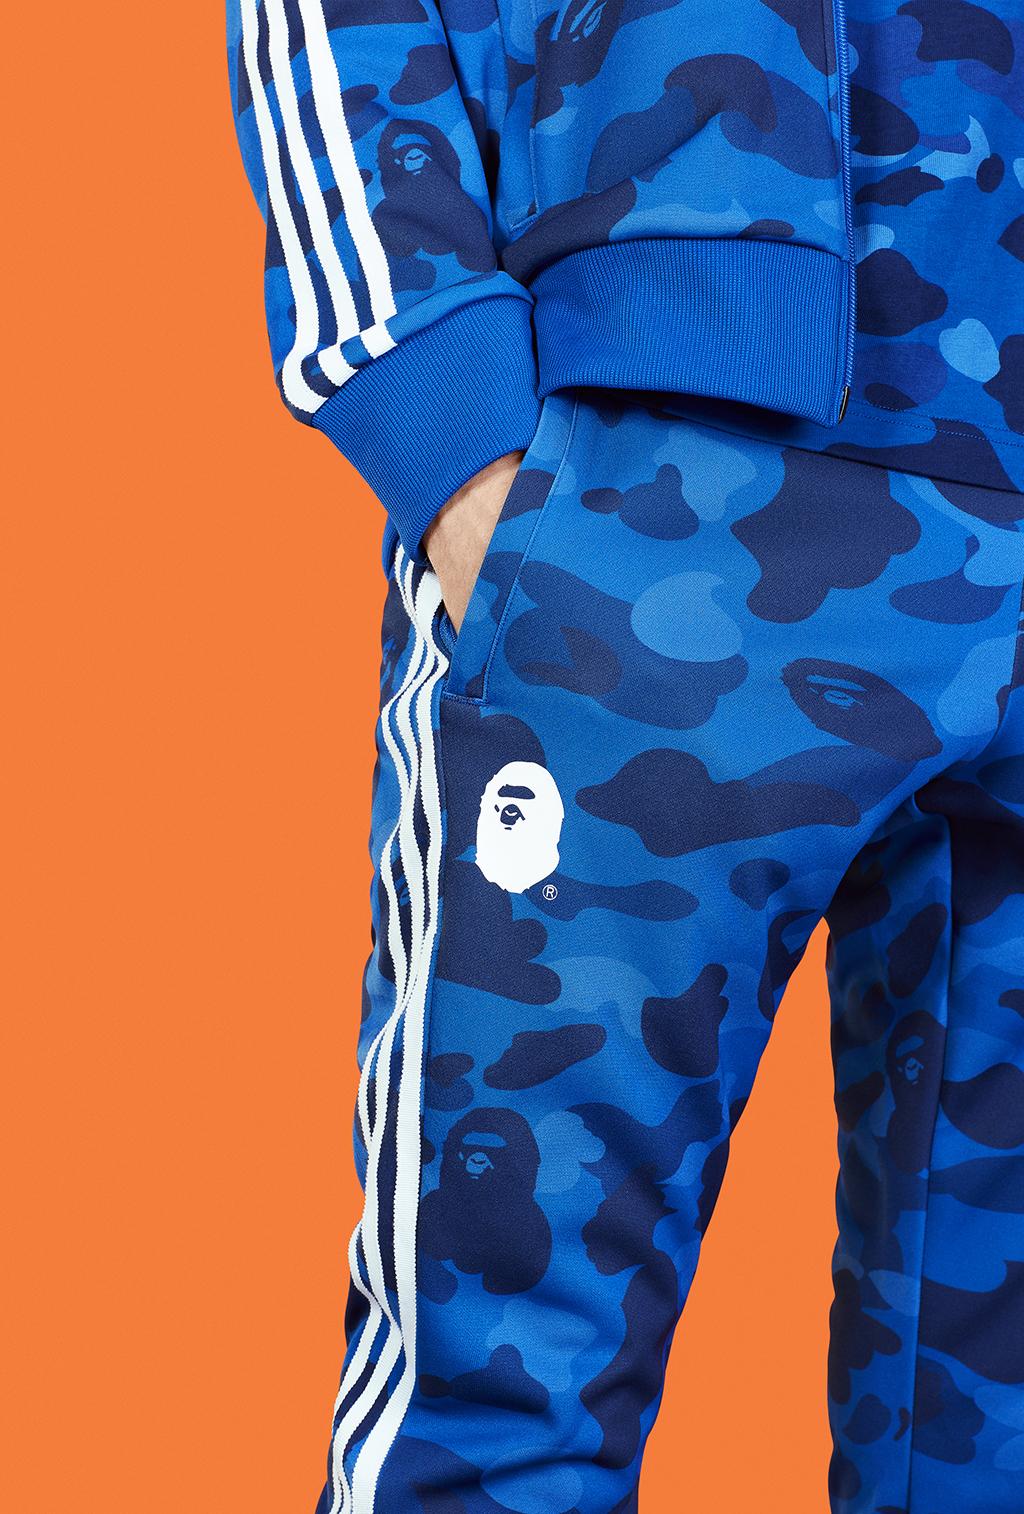 Bape x Adidas Originals FW18